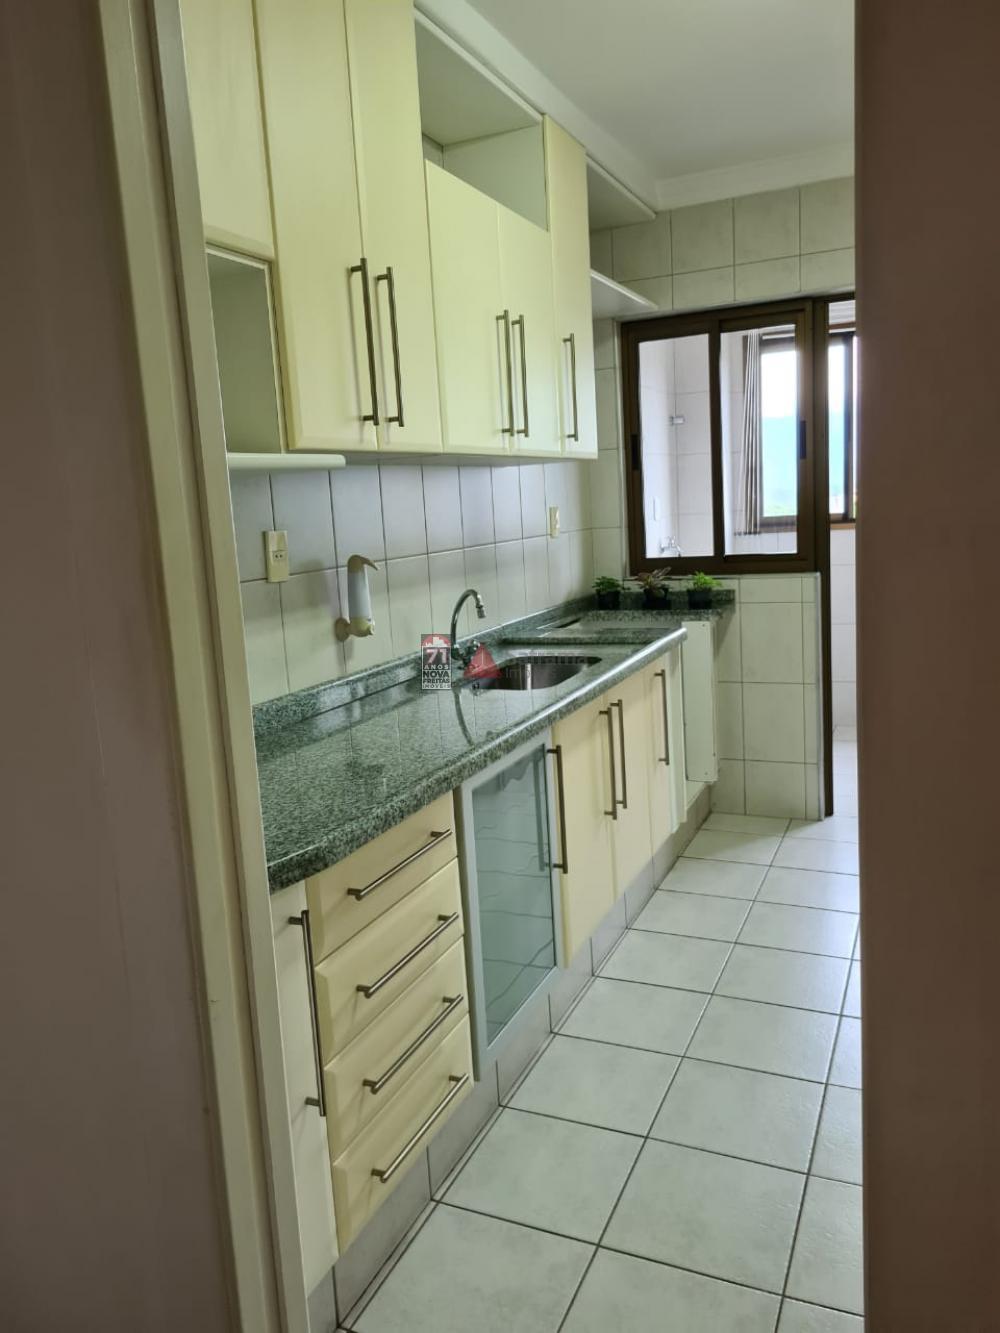 Comprar Apartamento / Padrão em Pindamonhangaba apenas R$ 430.000,00 - Foto 7